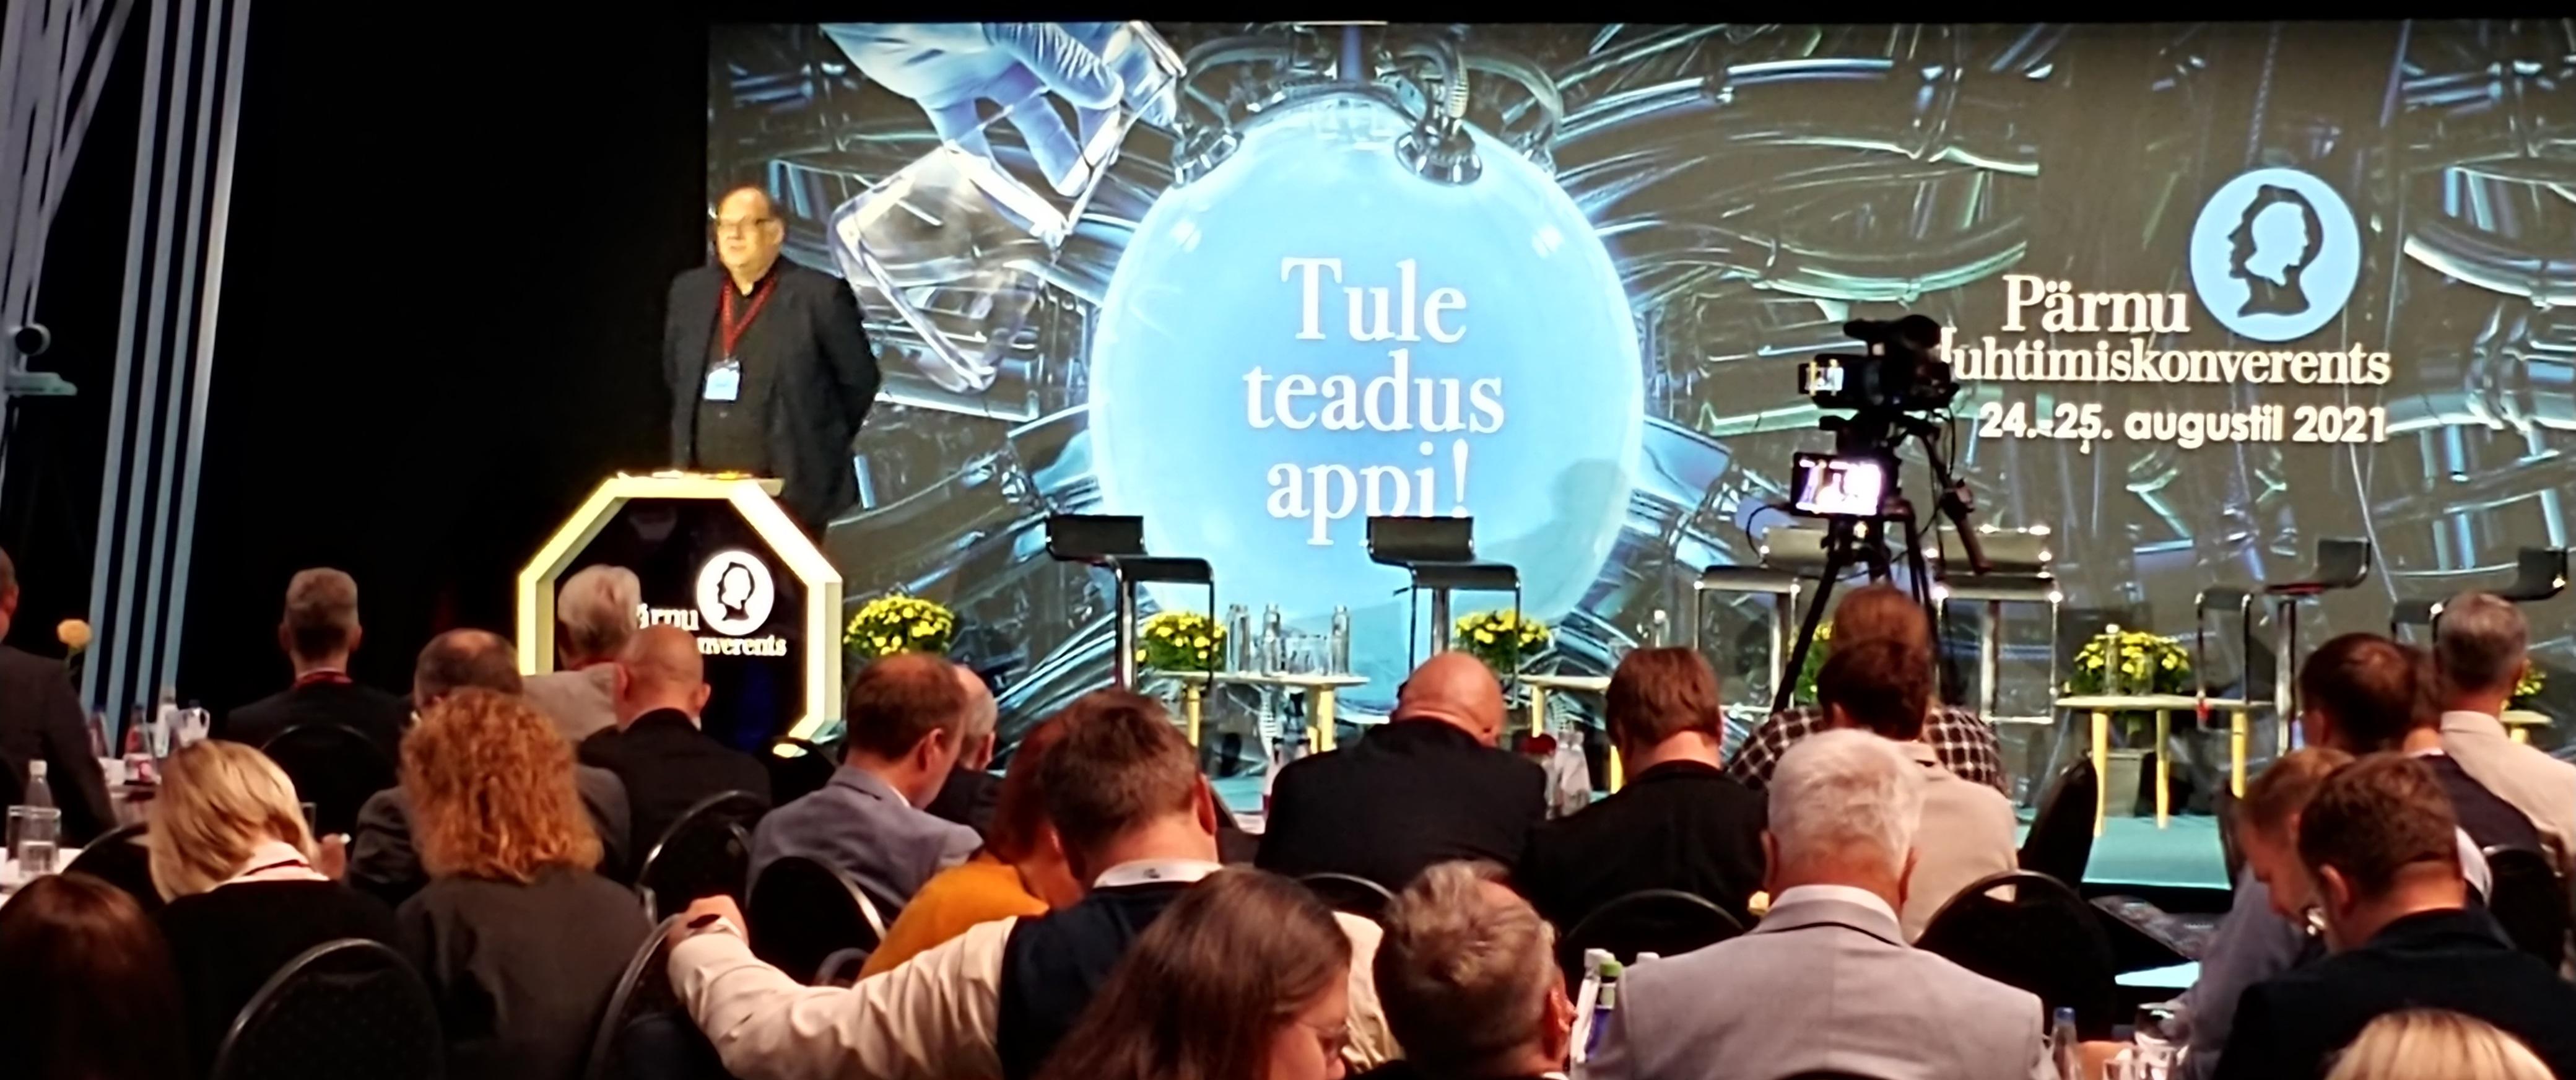 Adapter Juhtimiskonverentsil: Teaduse rakendamine ettevõtlusesse on põlvkondlik trend